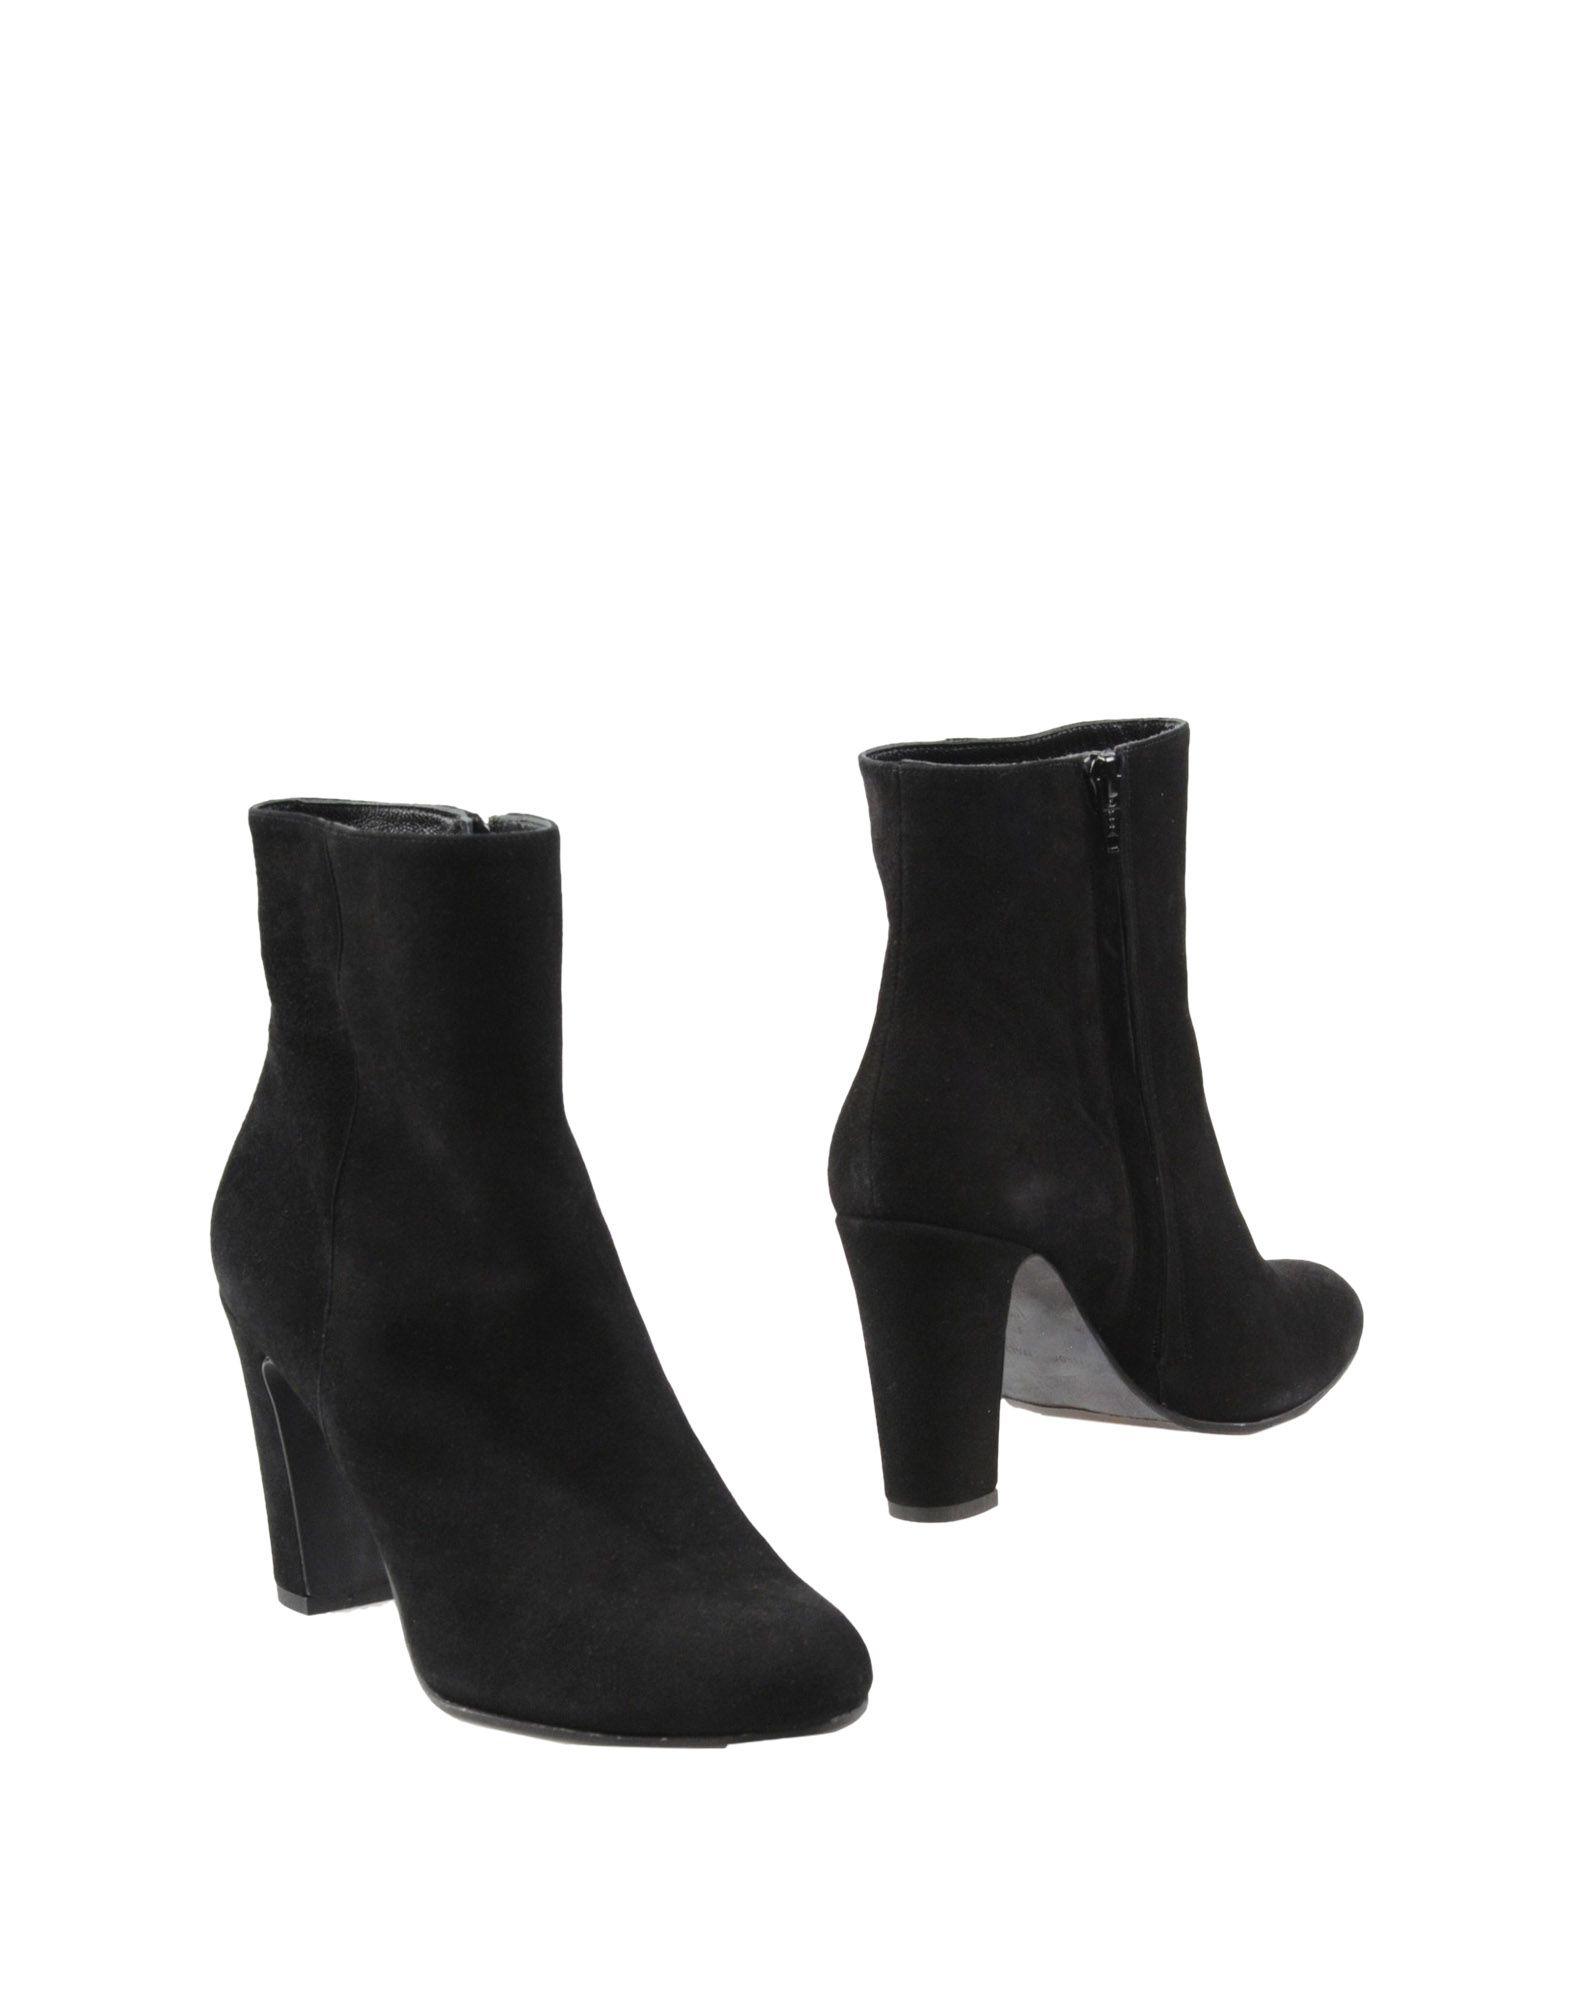 Anna F. Stiefelette Damen  11284855JW Gute Qualität beliebte Schuhe